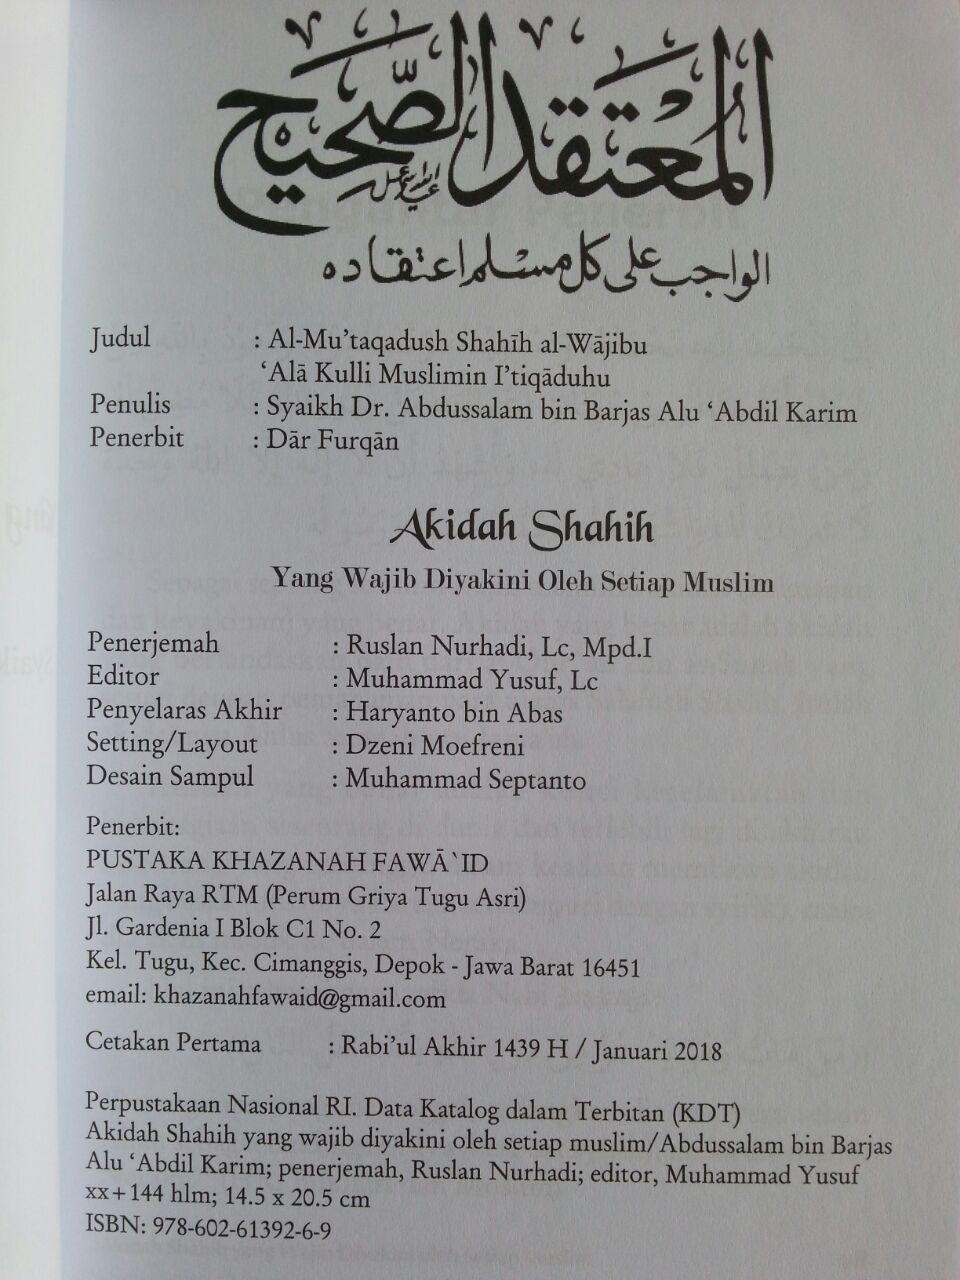 Buku Aqidah Shahih Yang Wajib Diyakini Oleh Setiap Muslim isi 2